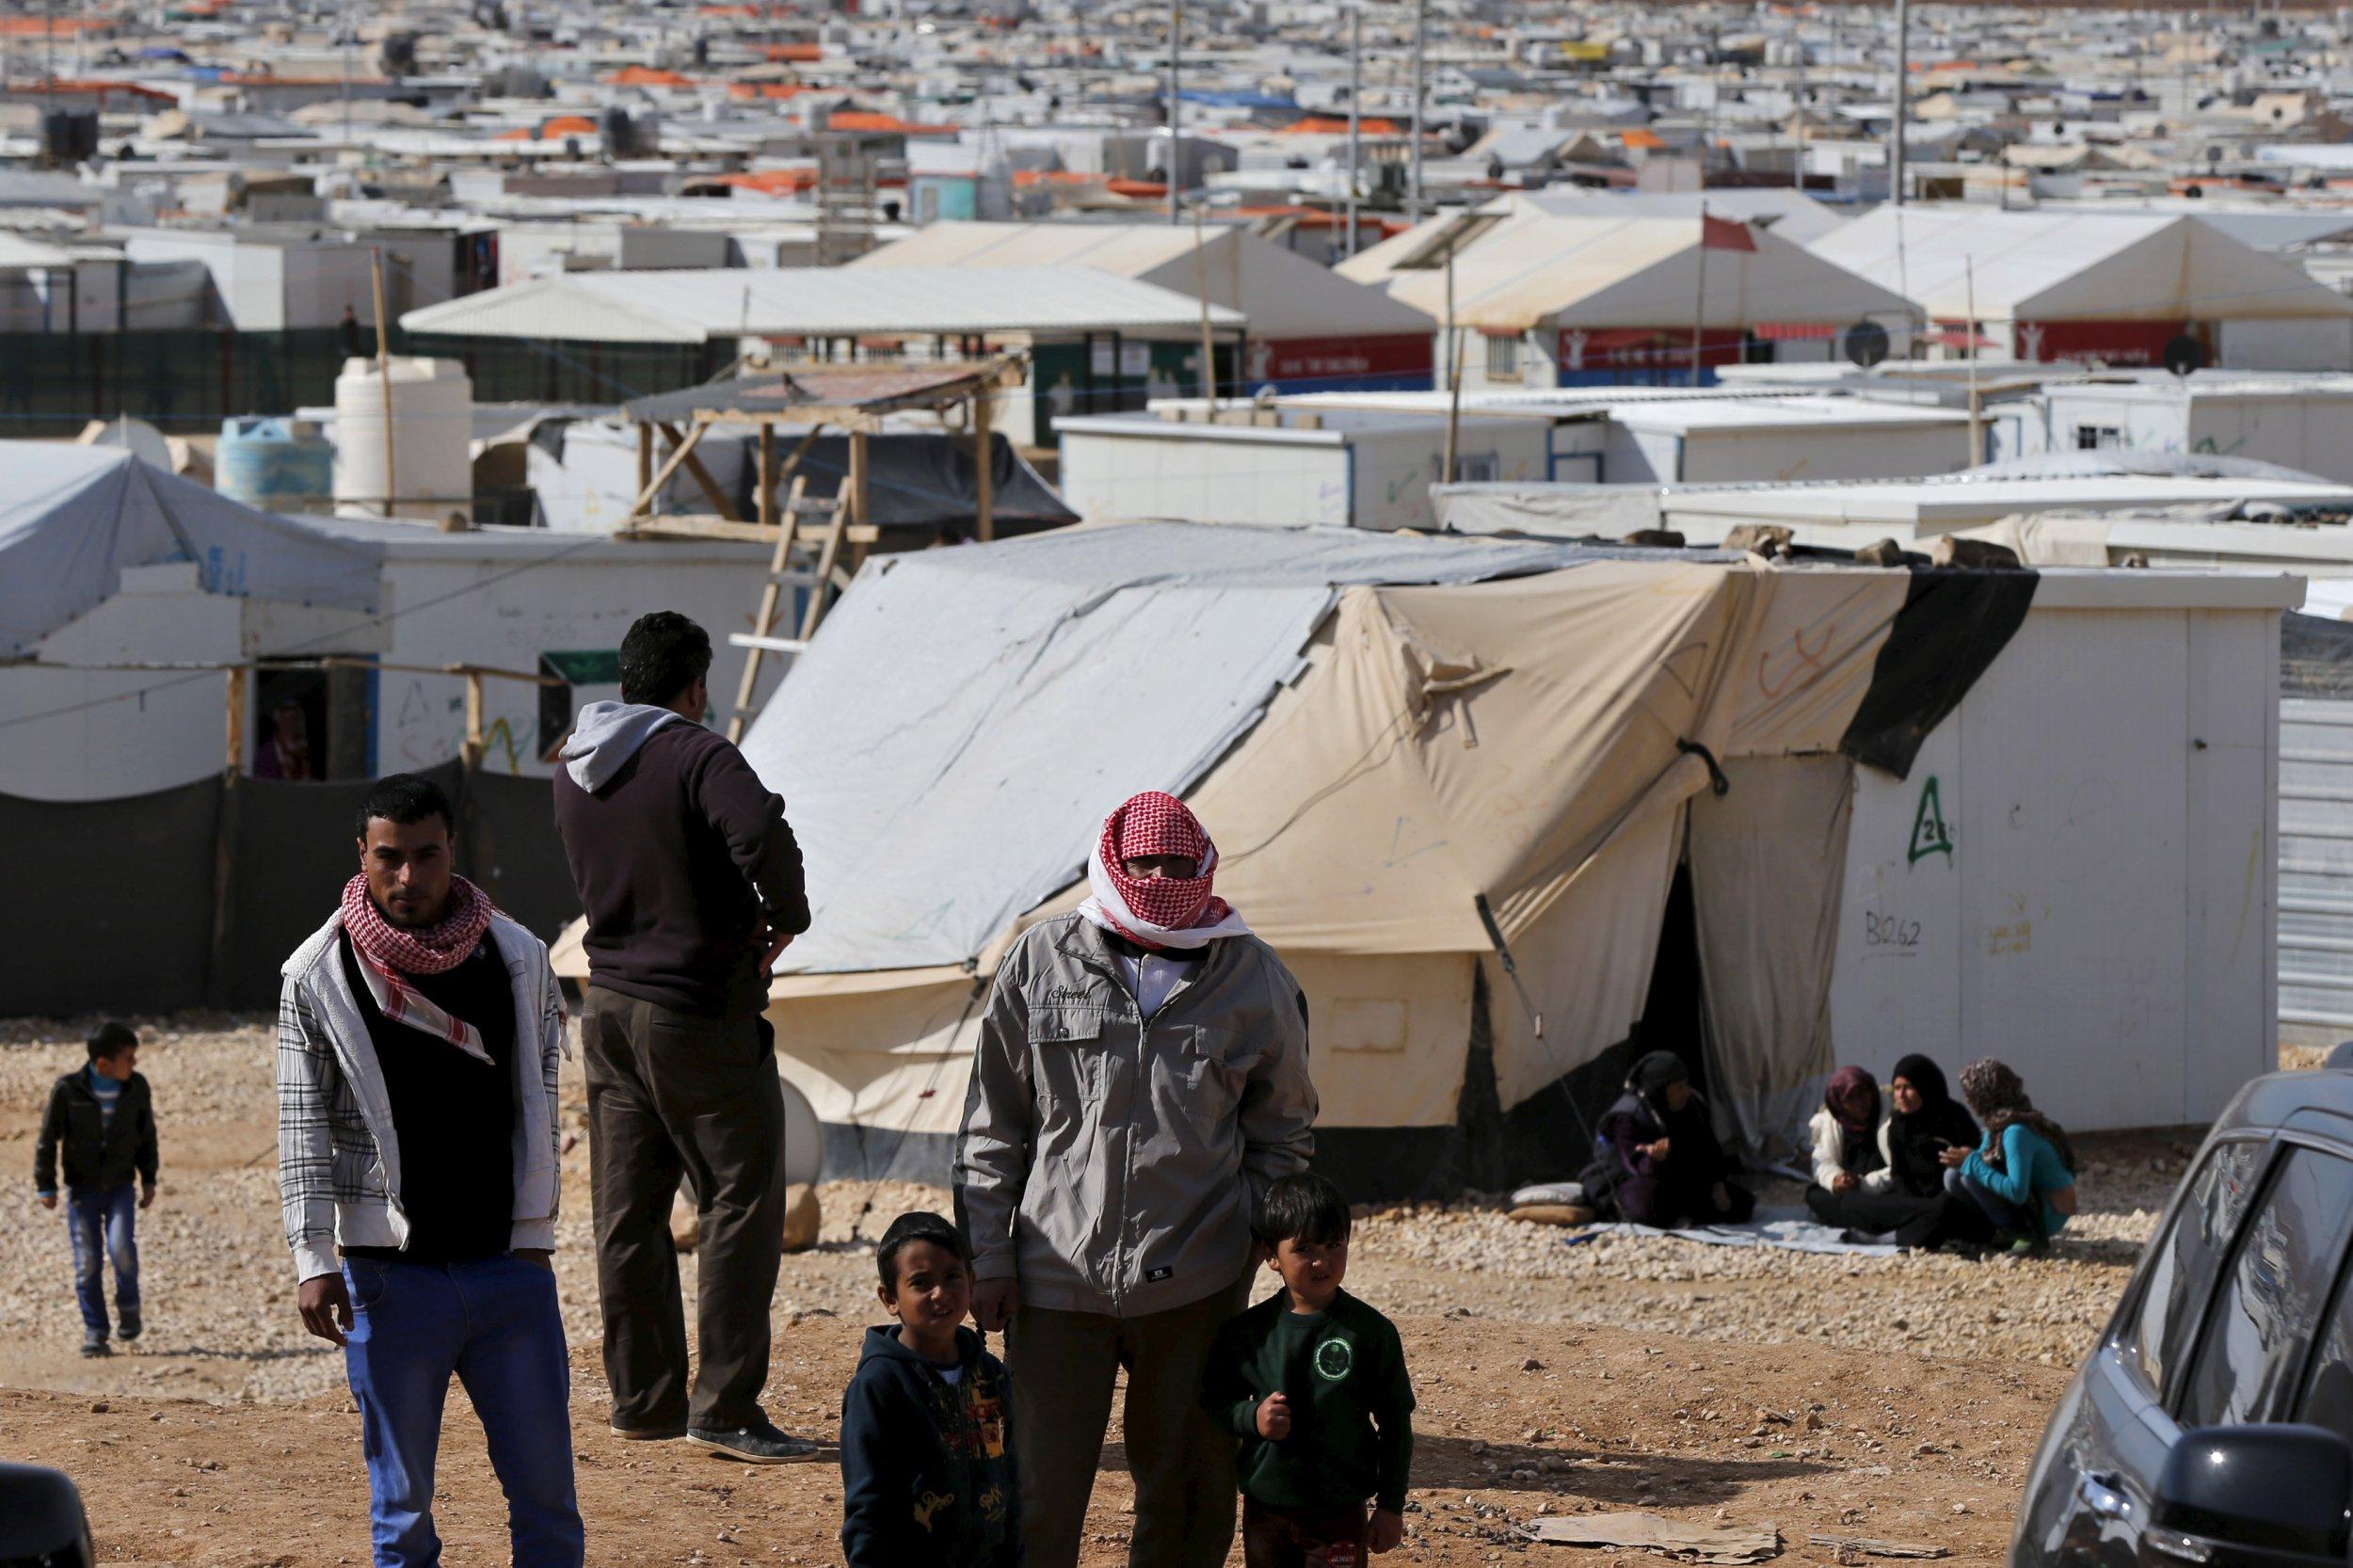 3-14-16 Zataari refugee camp